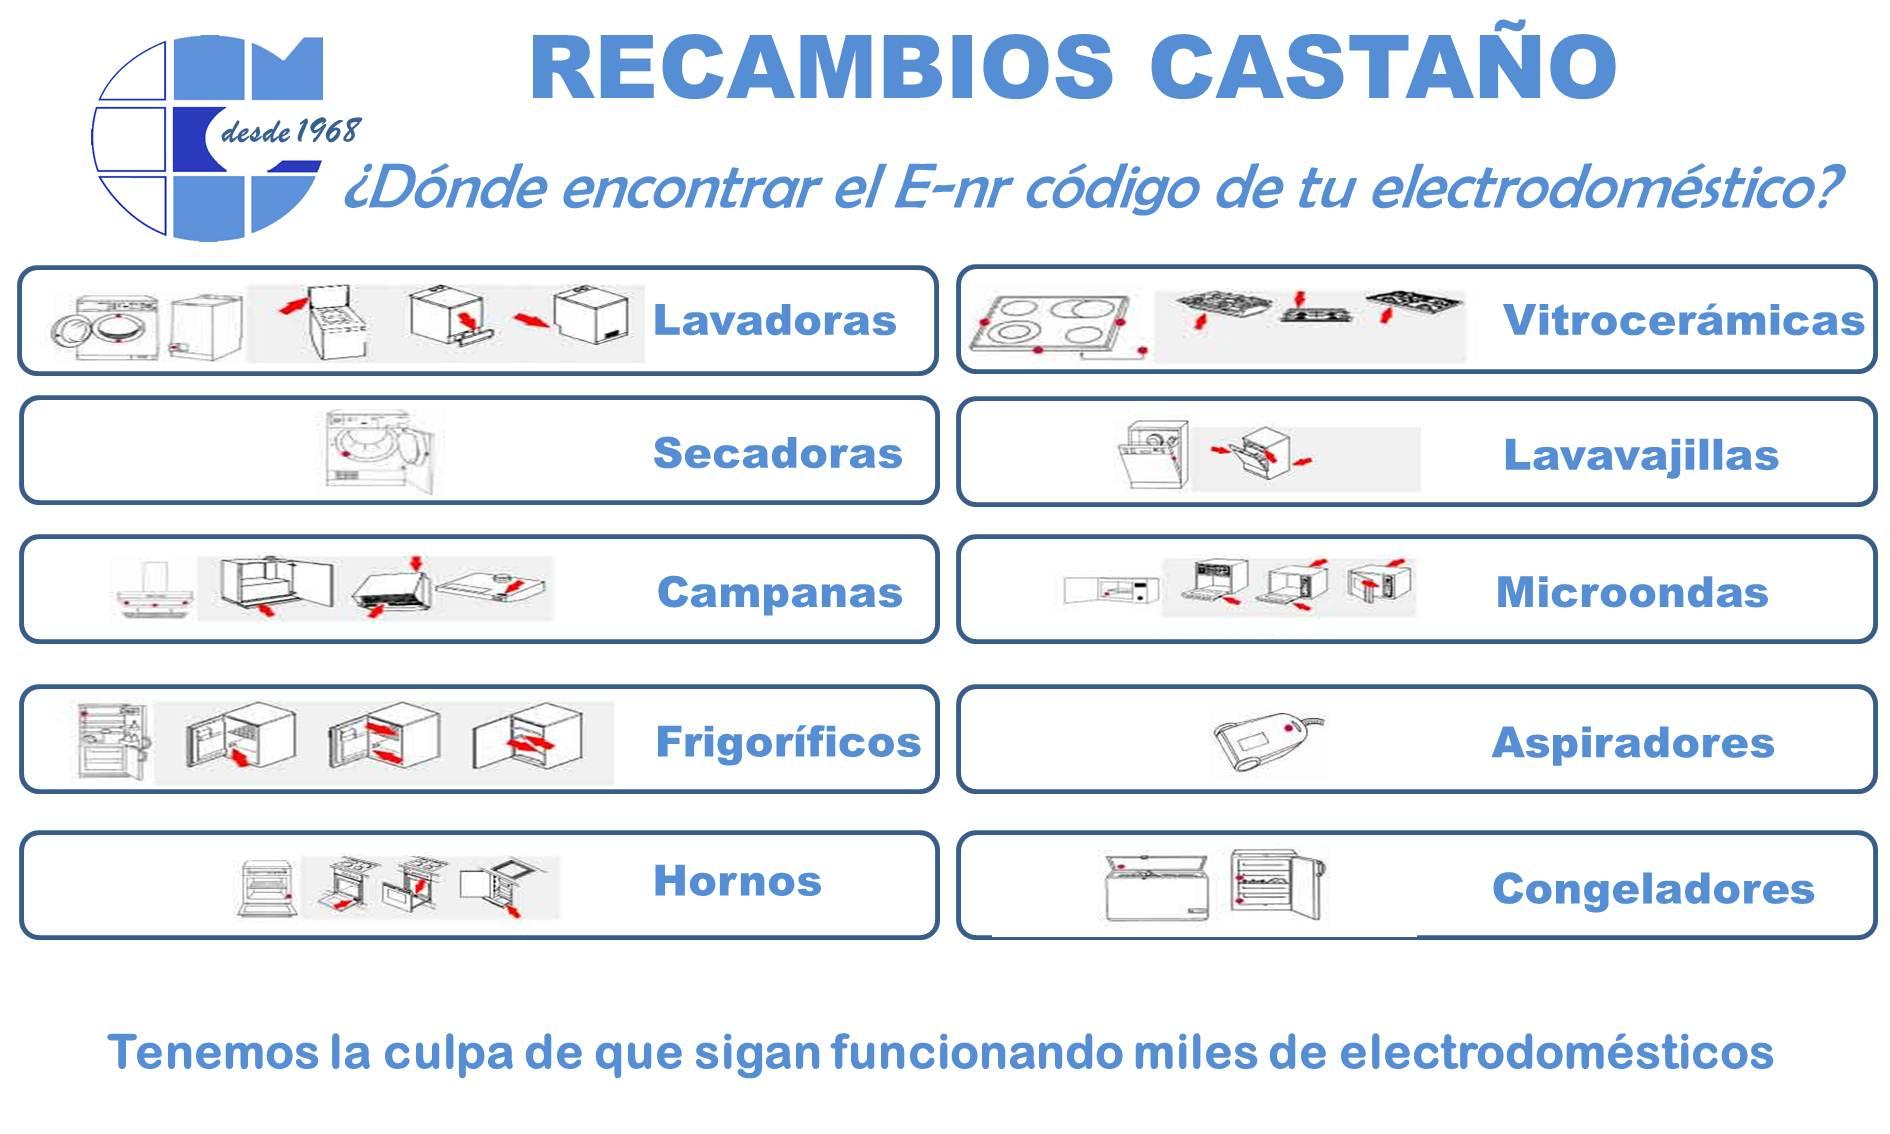 Código E-nr de su electrodoméstico